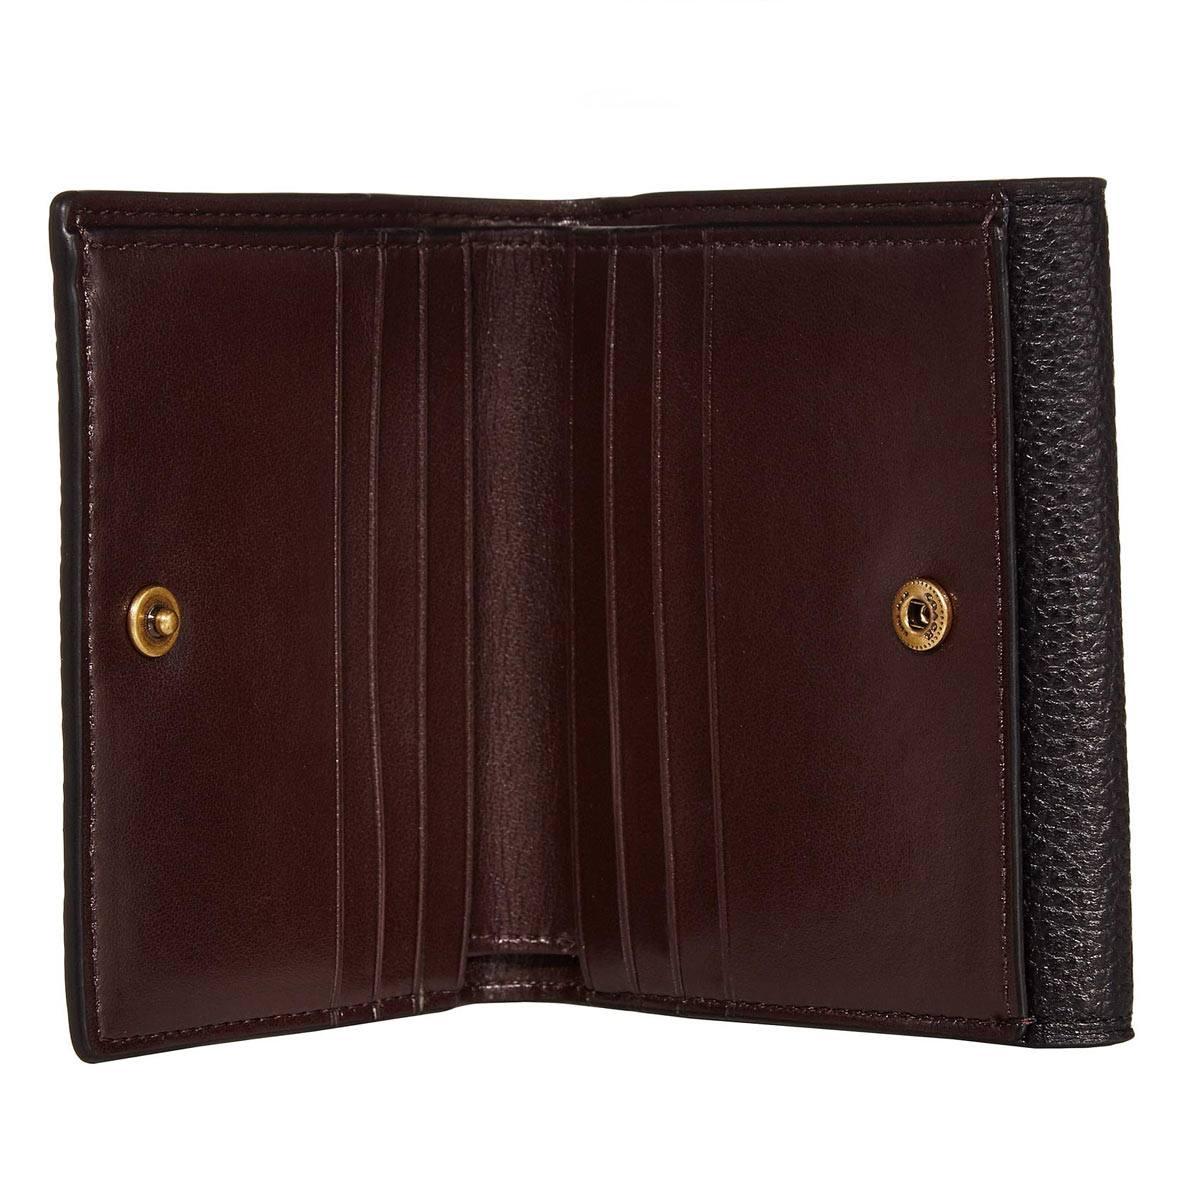 コーチ 財布 二つ折り アウトレット 二つ折り財布 レディース 折り財布 ミニ財布 Coach